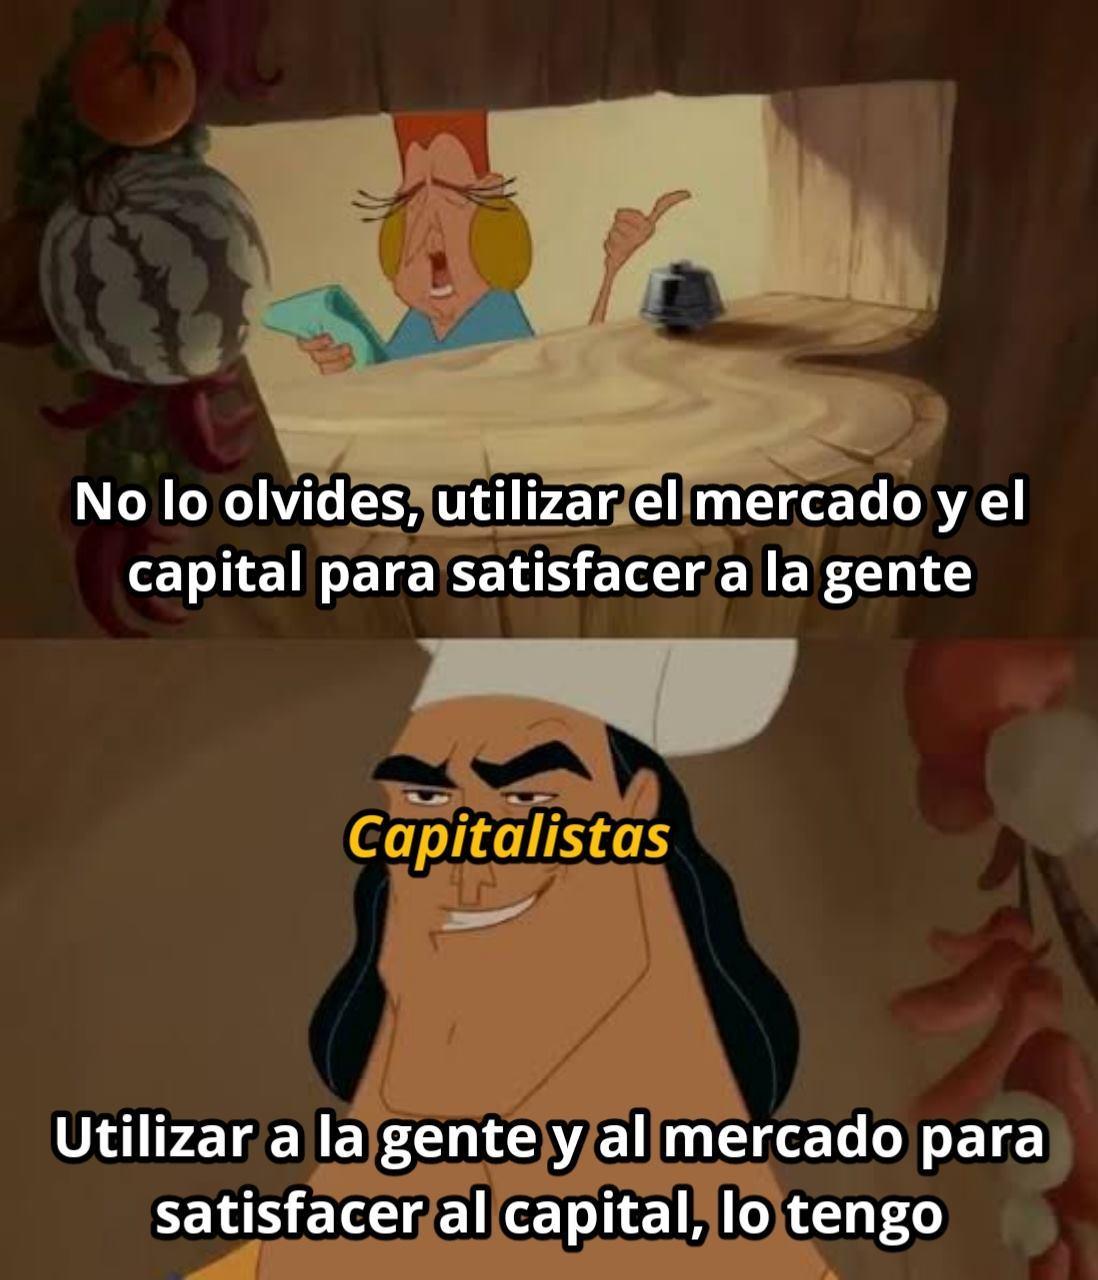 Pa los que piensa que el Capitalismo es Miel sobre hojuelas.... - meme